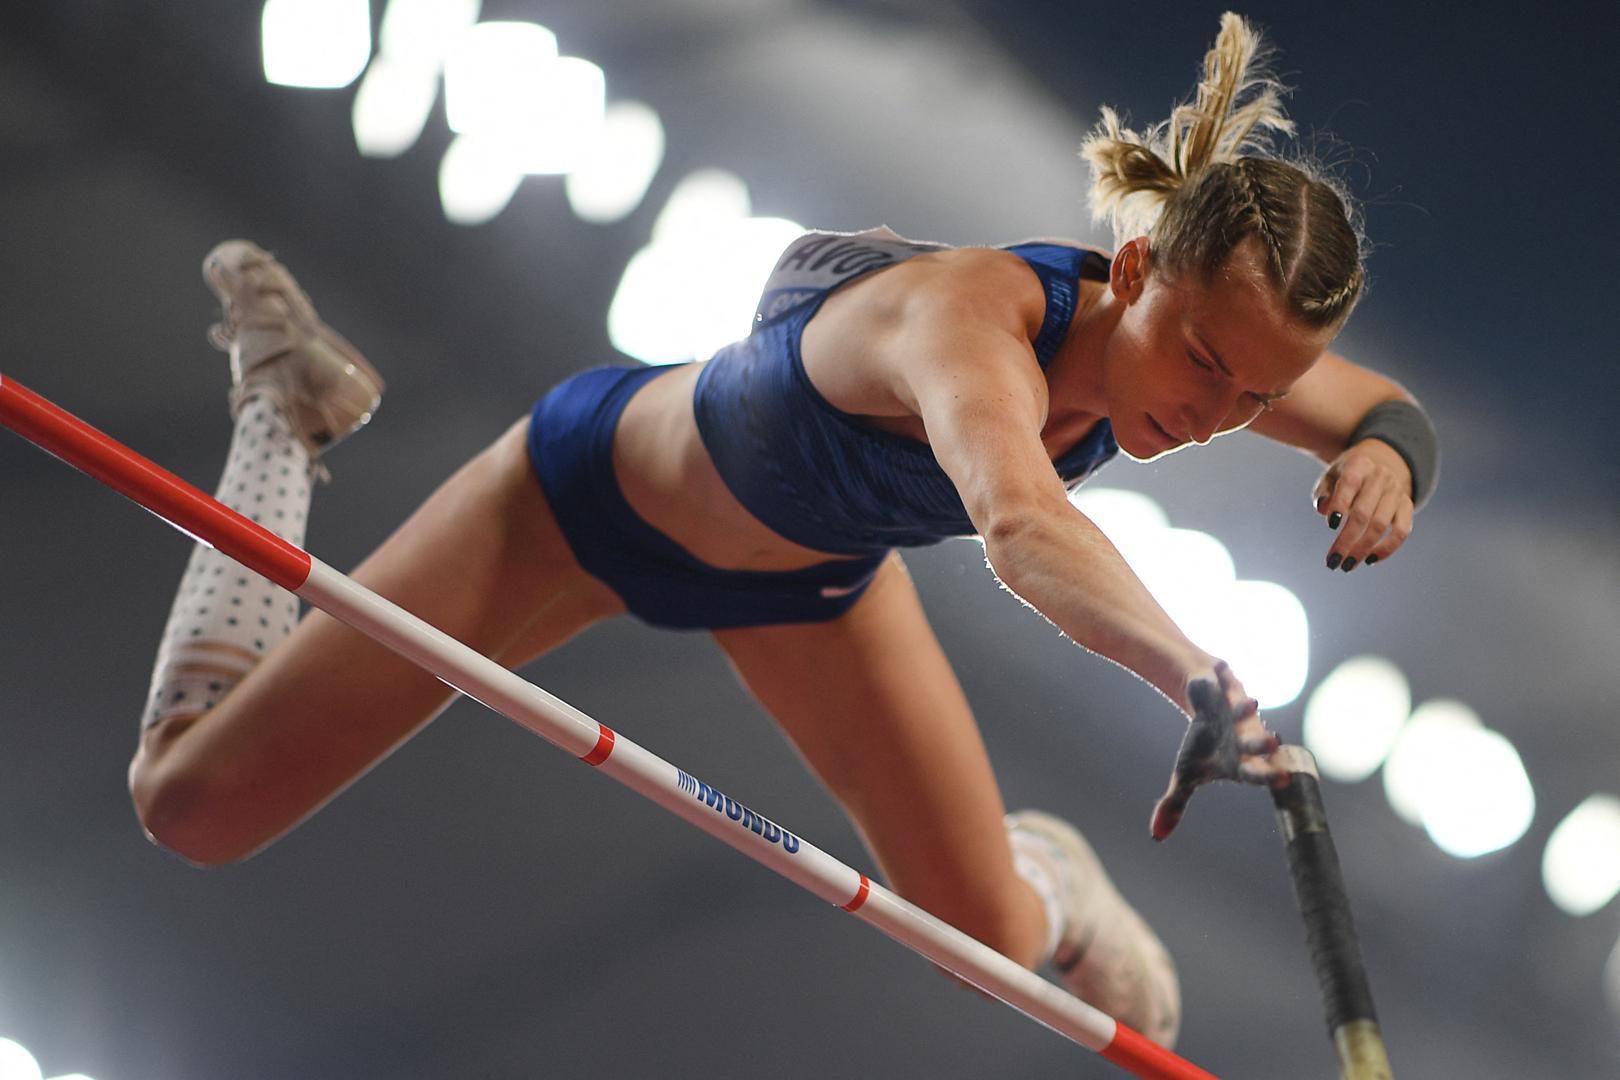 الاتحاد الدولي لألعاب القوى يوافق على مشاركة 23 روسيا بالبطولات الدولية